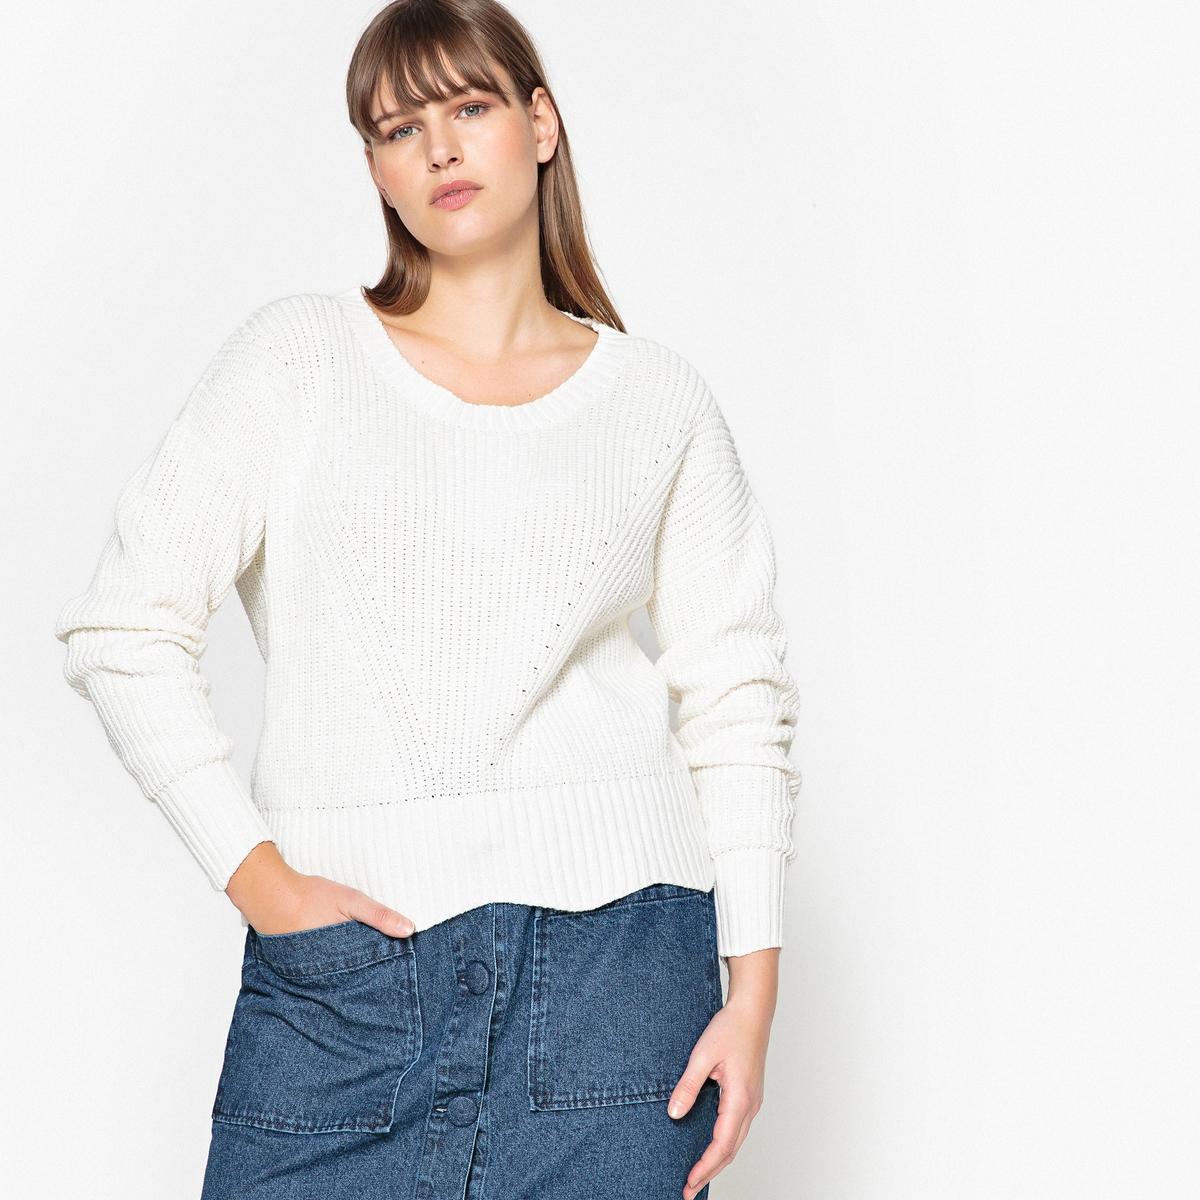 Bawełniany sweter z okrągłym dekoltem, gruby splot